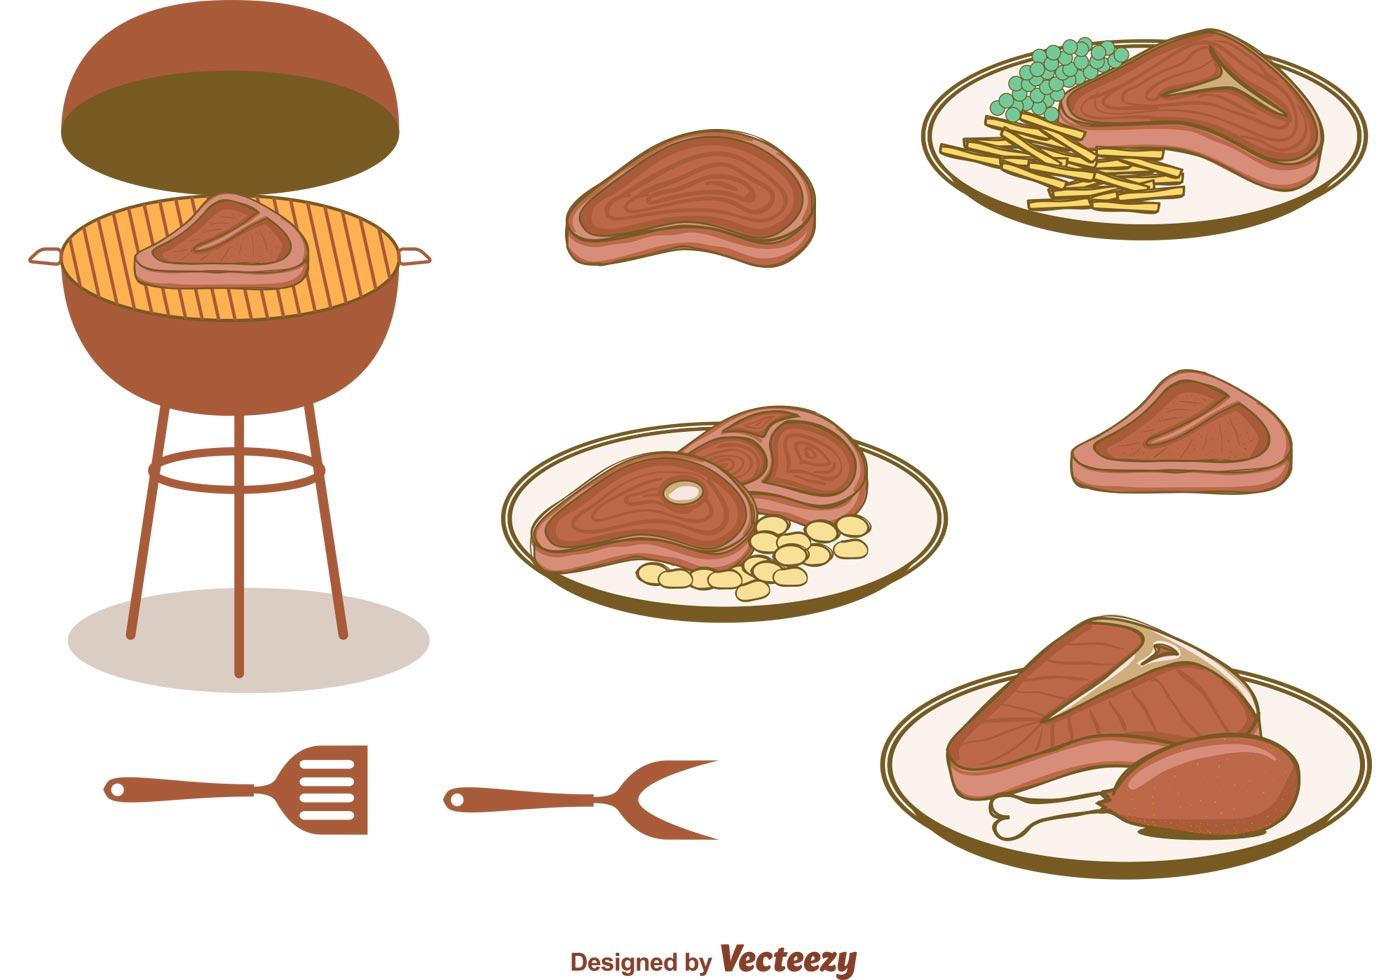 烤肉卡通 免費下載   天天瘋後製